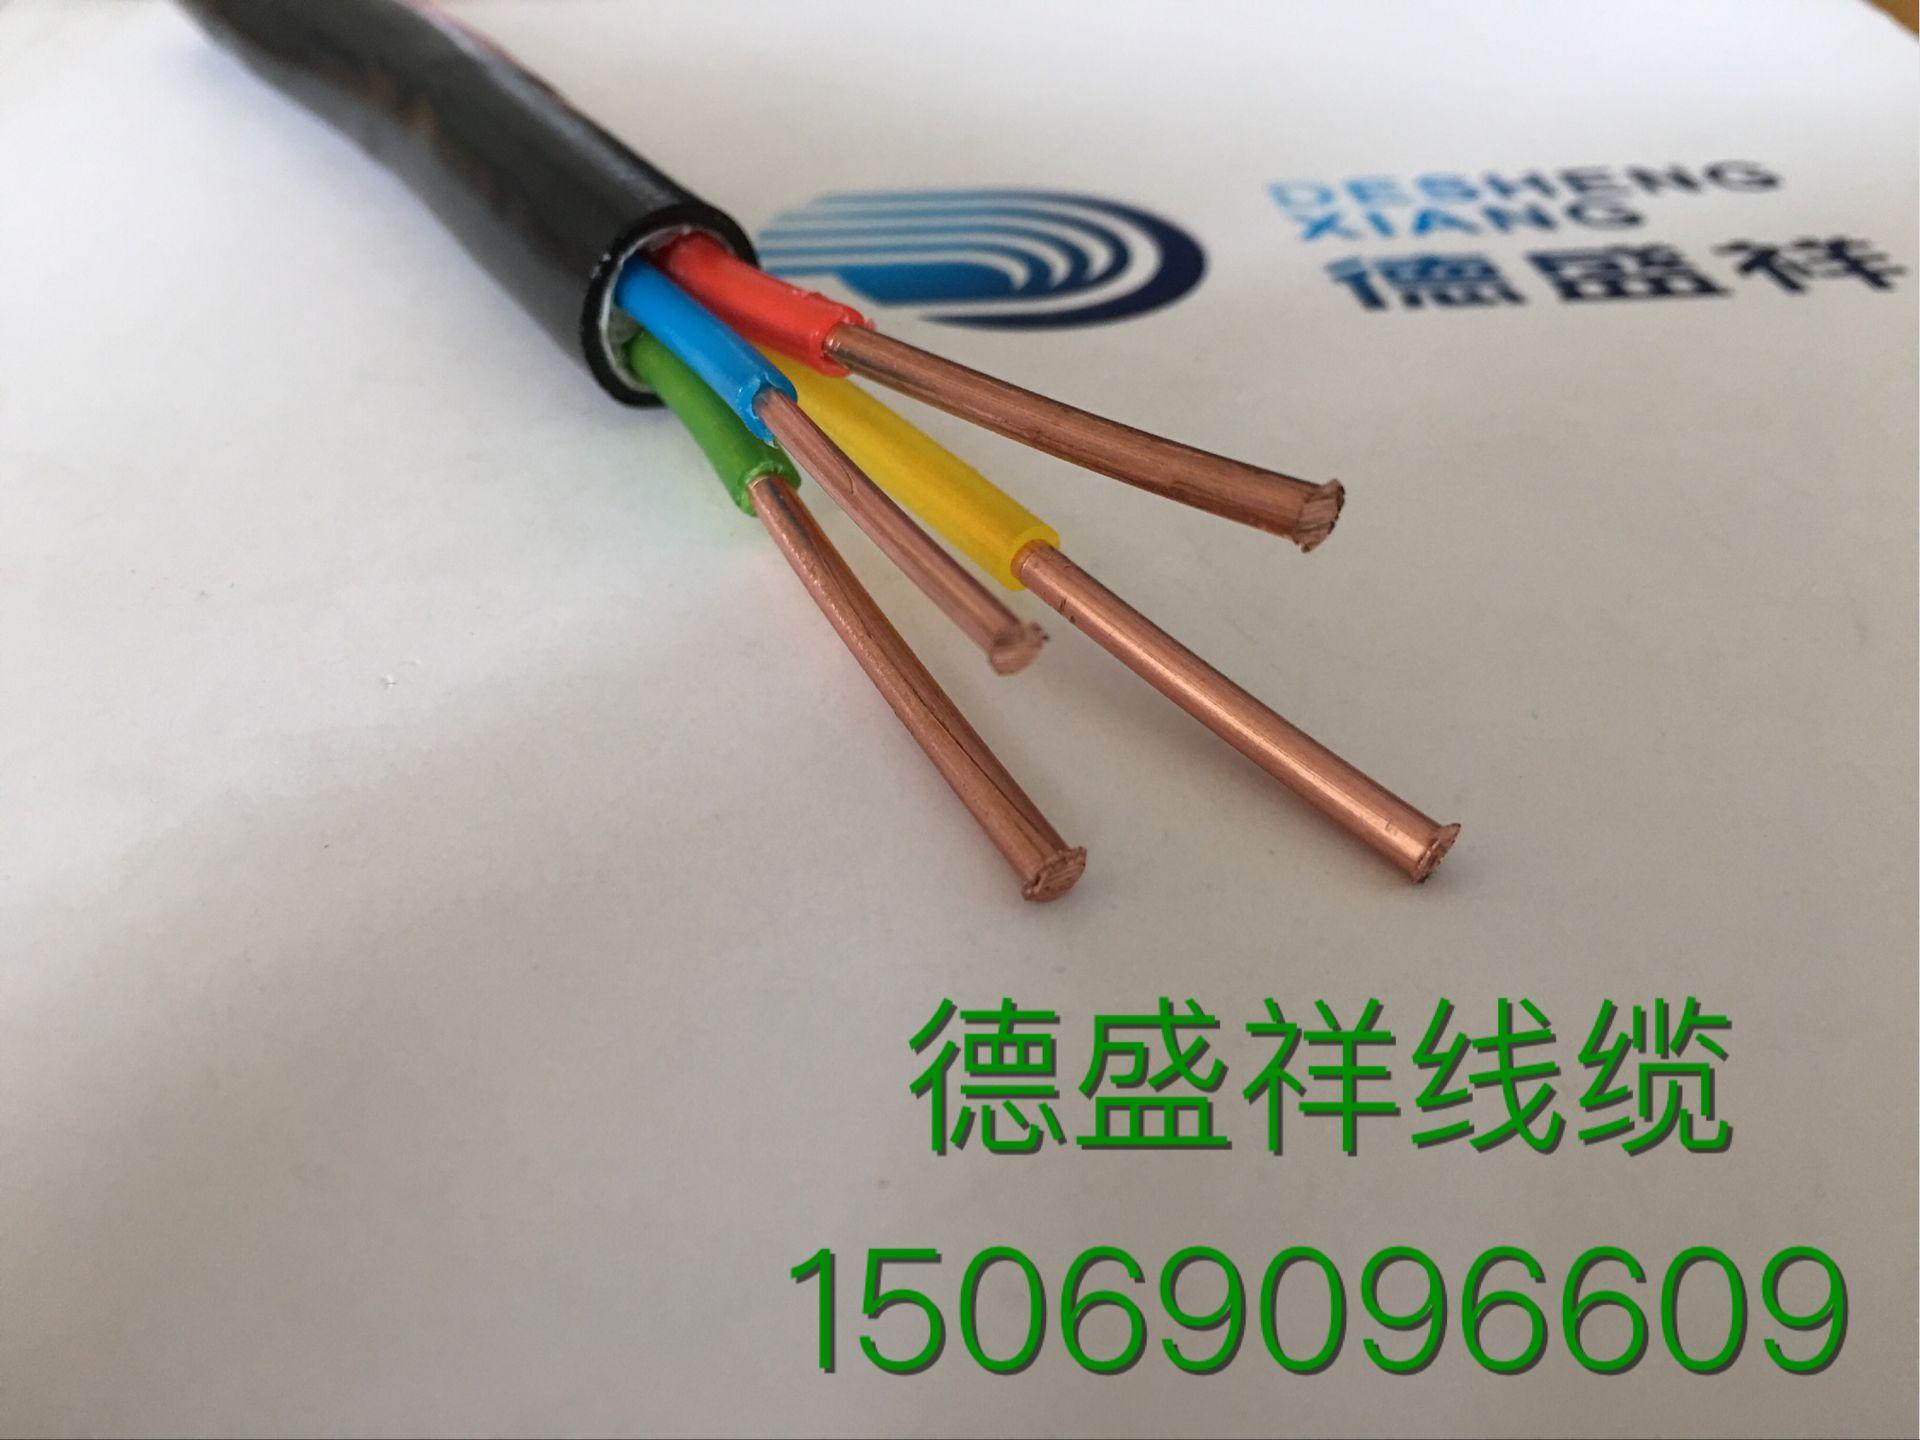 1.5平方国标铜芯线4芯线 ZR-YJV/VV4*1.5 照明线 阻燃4芯国标铜线